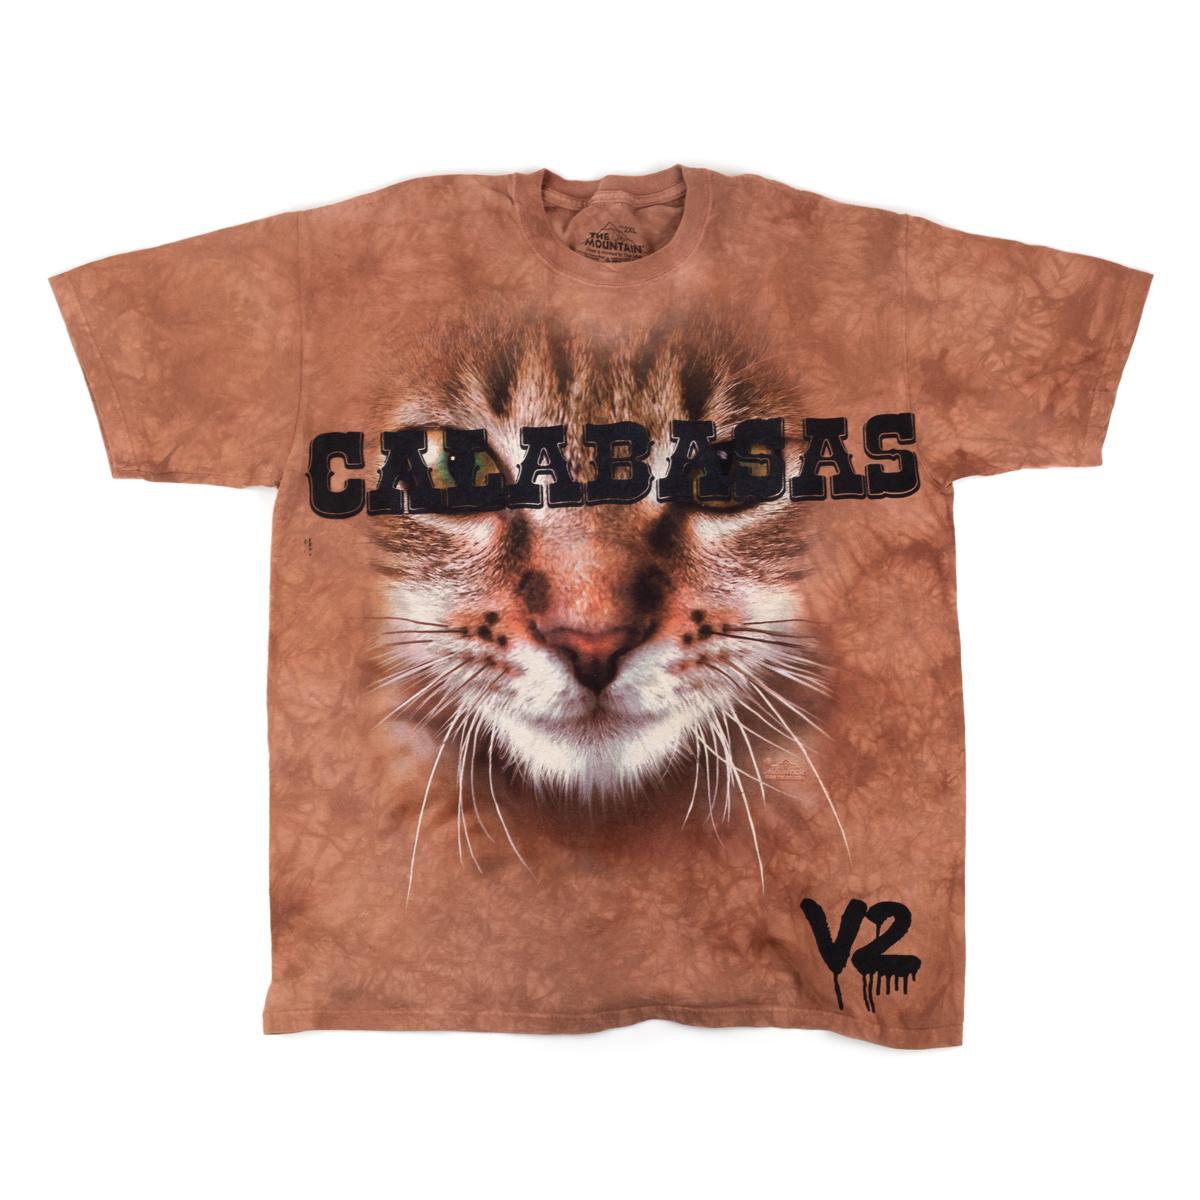 Calabasas T-Shirt (2XL)